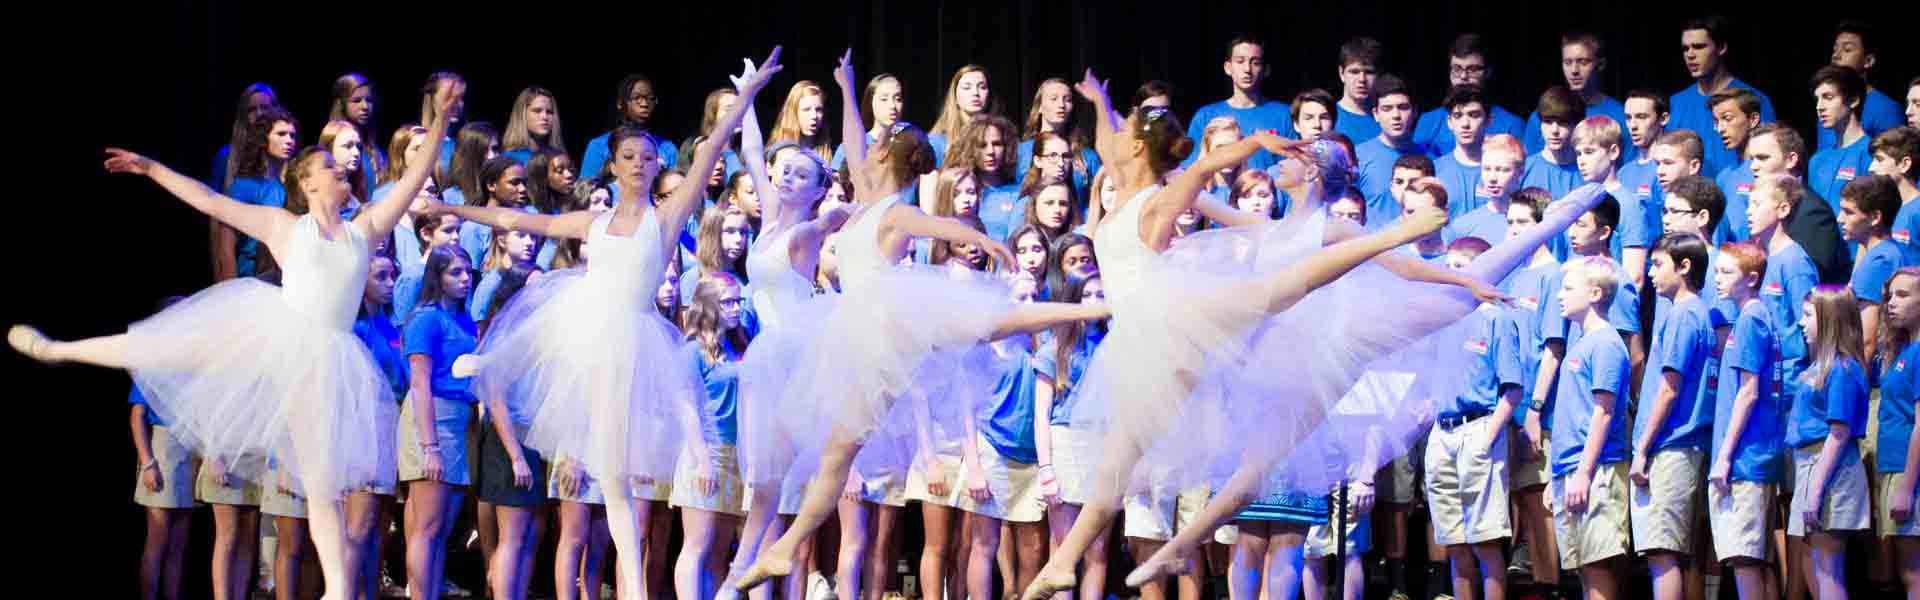 Kingsacademy-highschool-FL-Ballet-MAin-Banner